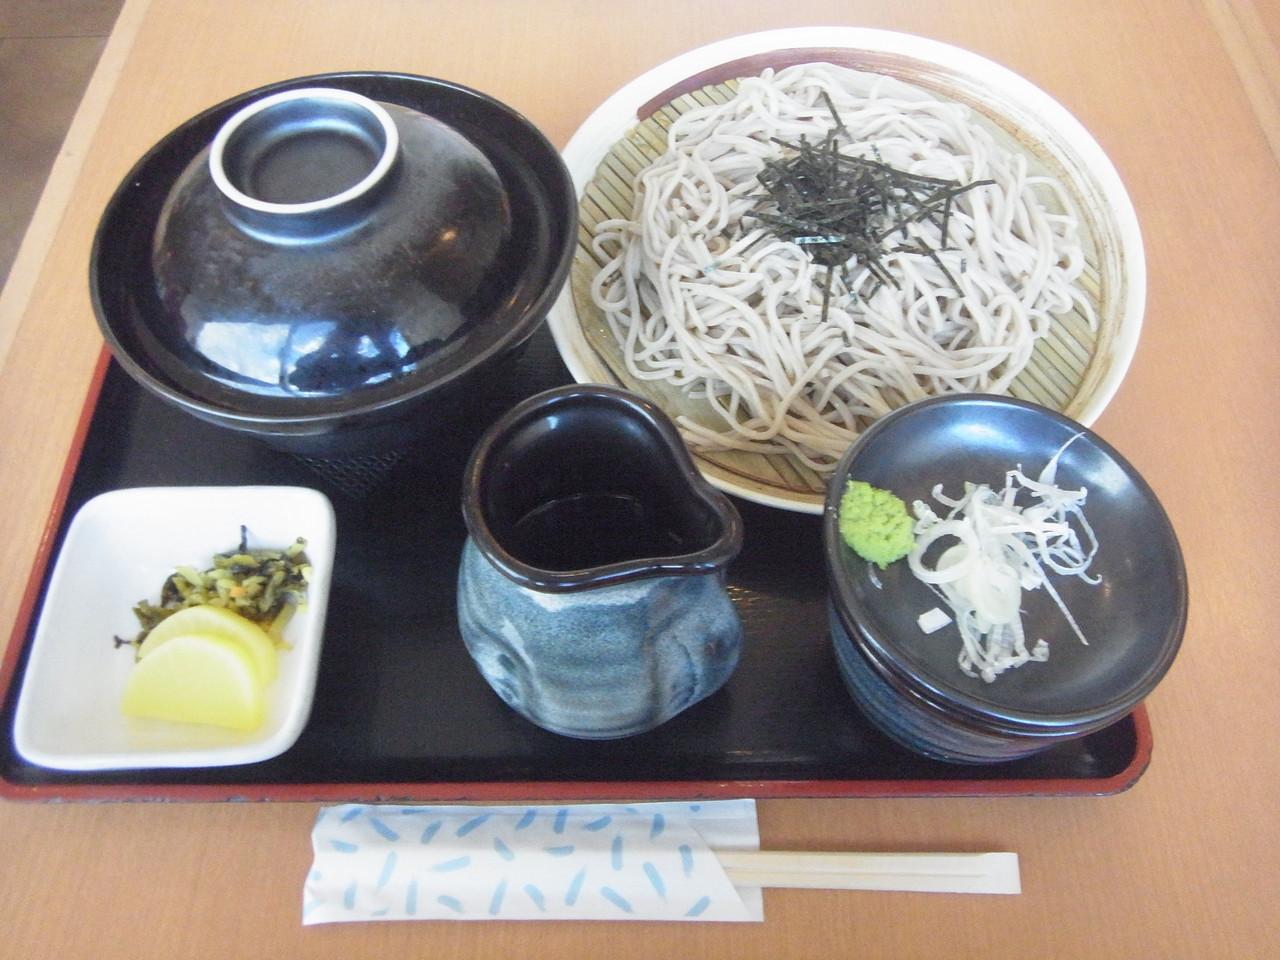 所沢 - 酒処そば 信濃 「かつ丼セット ¥1050、そば増量(一人前) +¥100(各税込)」